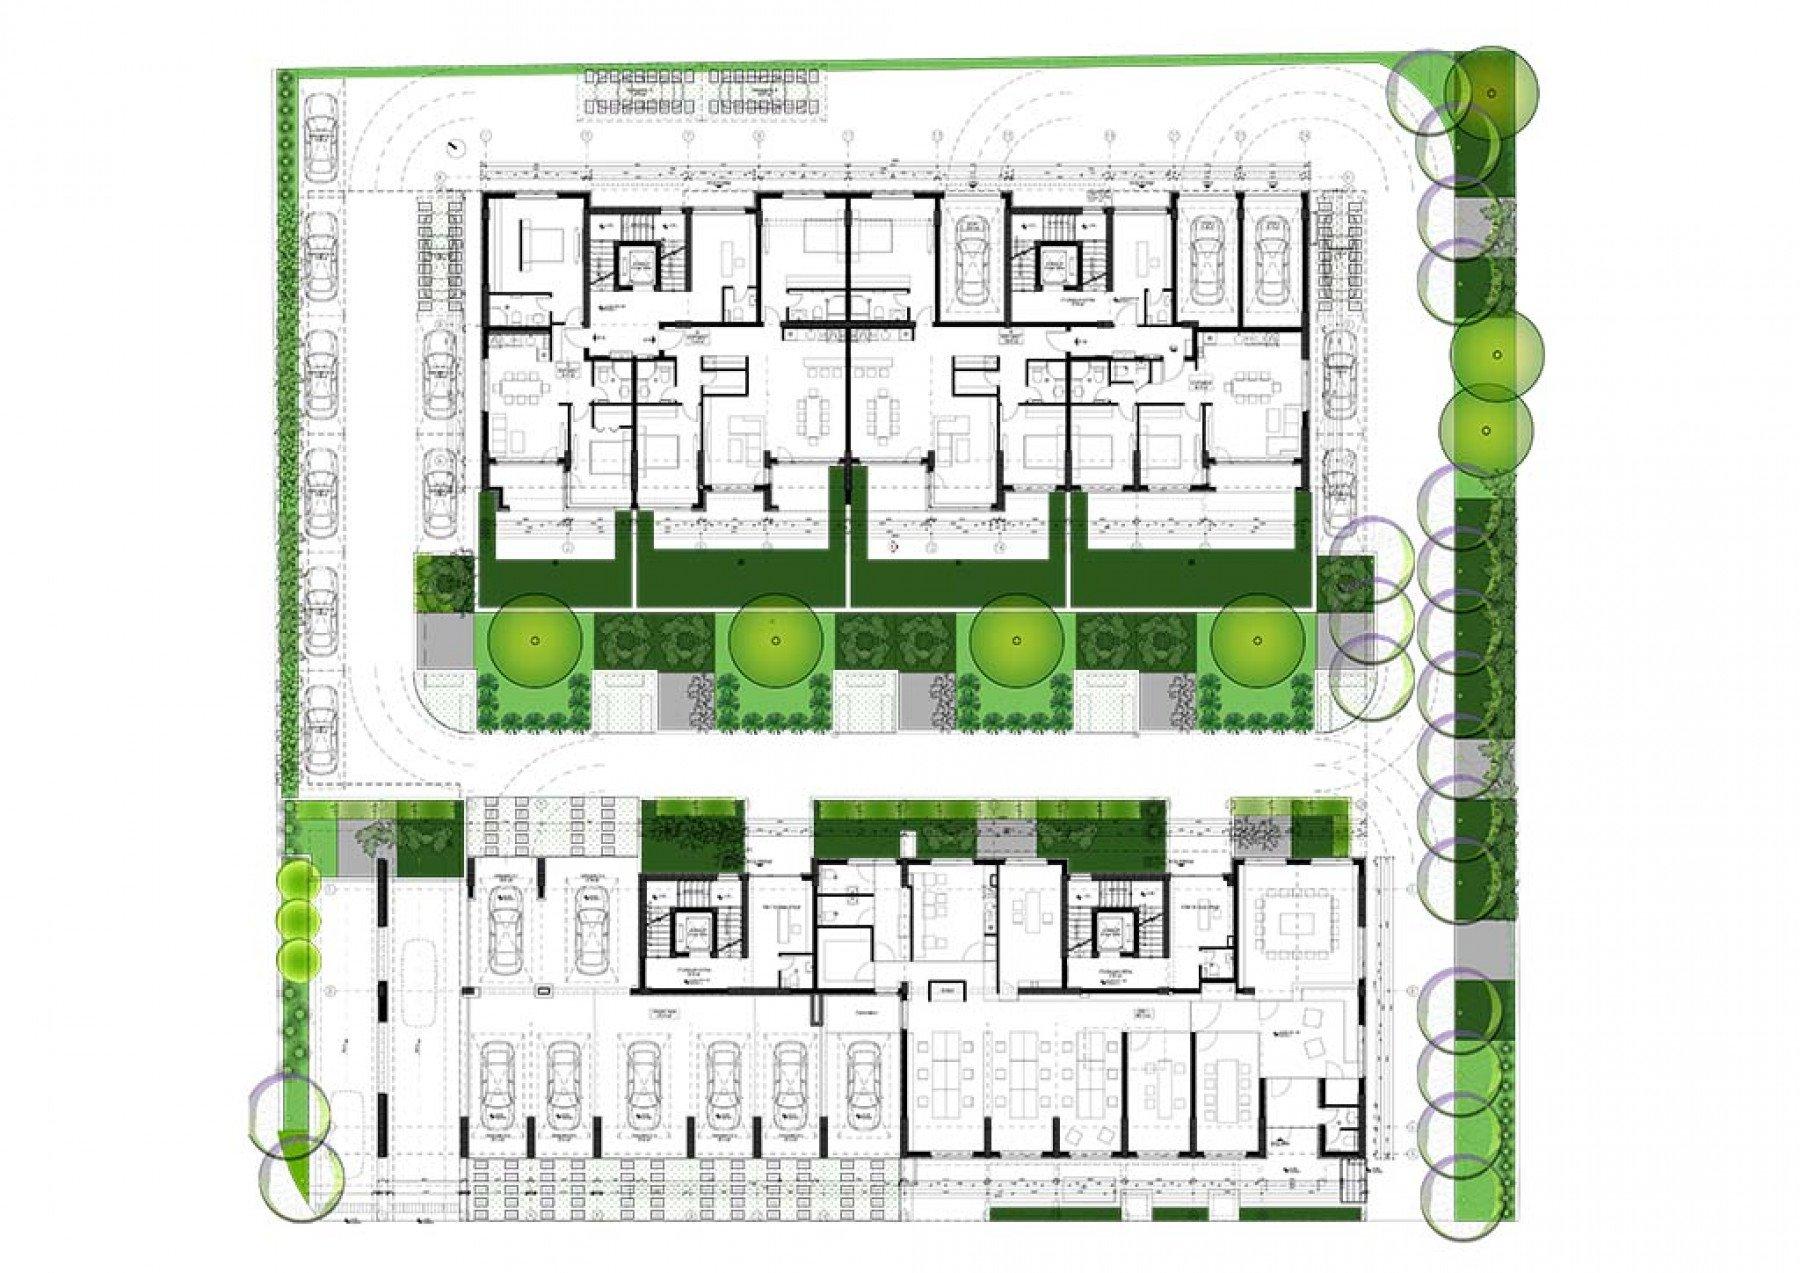 Архитектурни планове на Жилищен комплекс Kanso